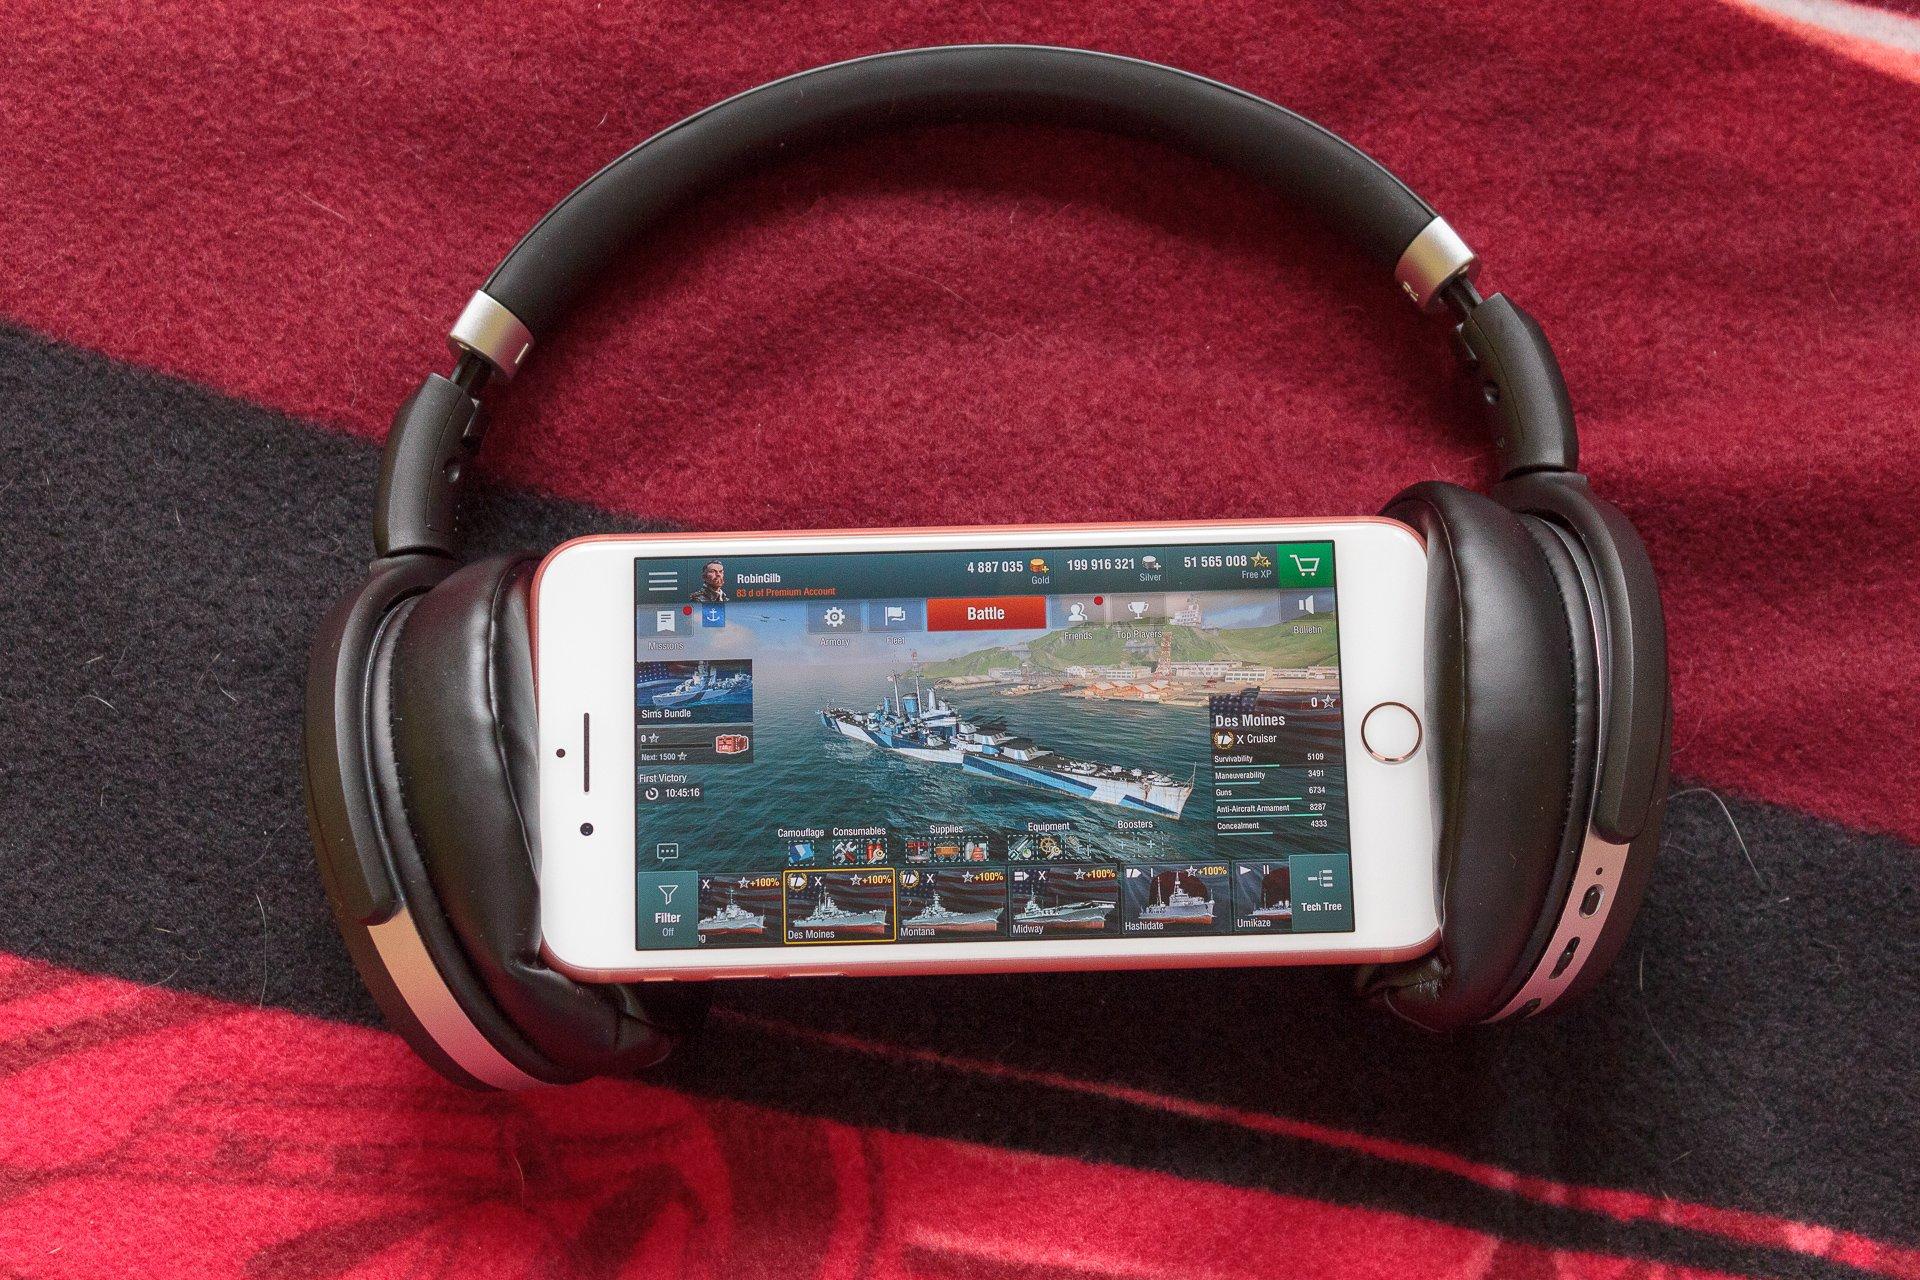 Recenzja Sennheiser HD 4.50 BTNC - doskonały dźwięk w wielkiej obudowie 27